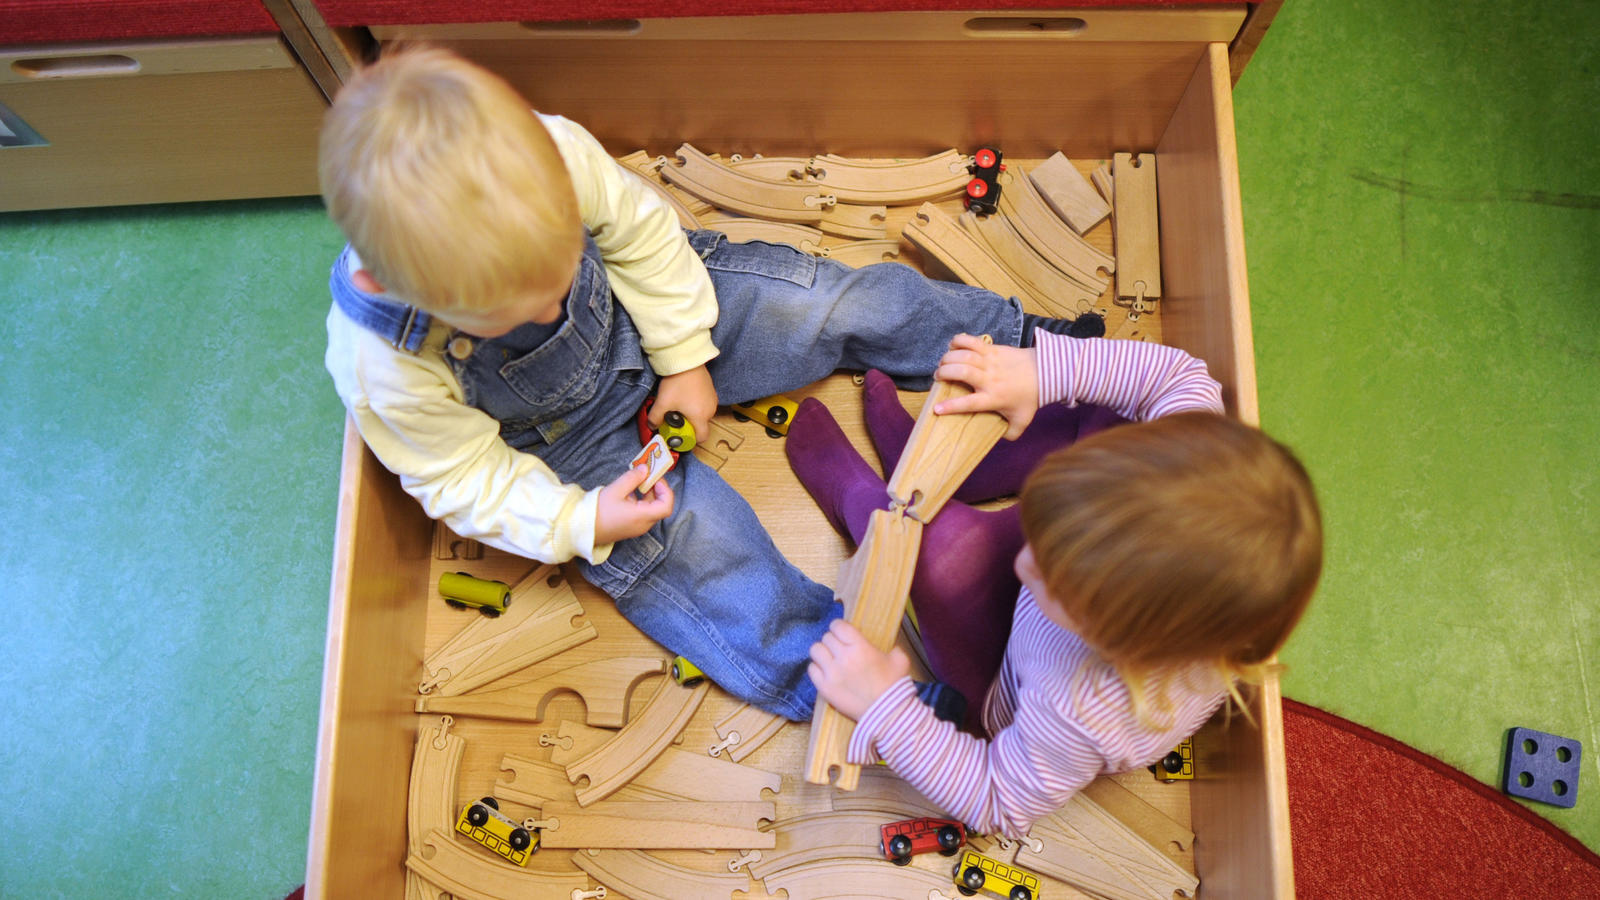 Entlastung für Familien: Hessen schafft Kita-Gebühren ab